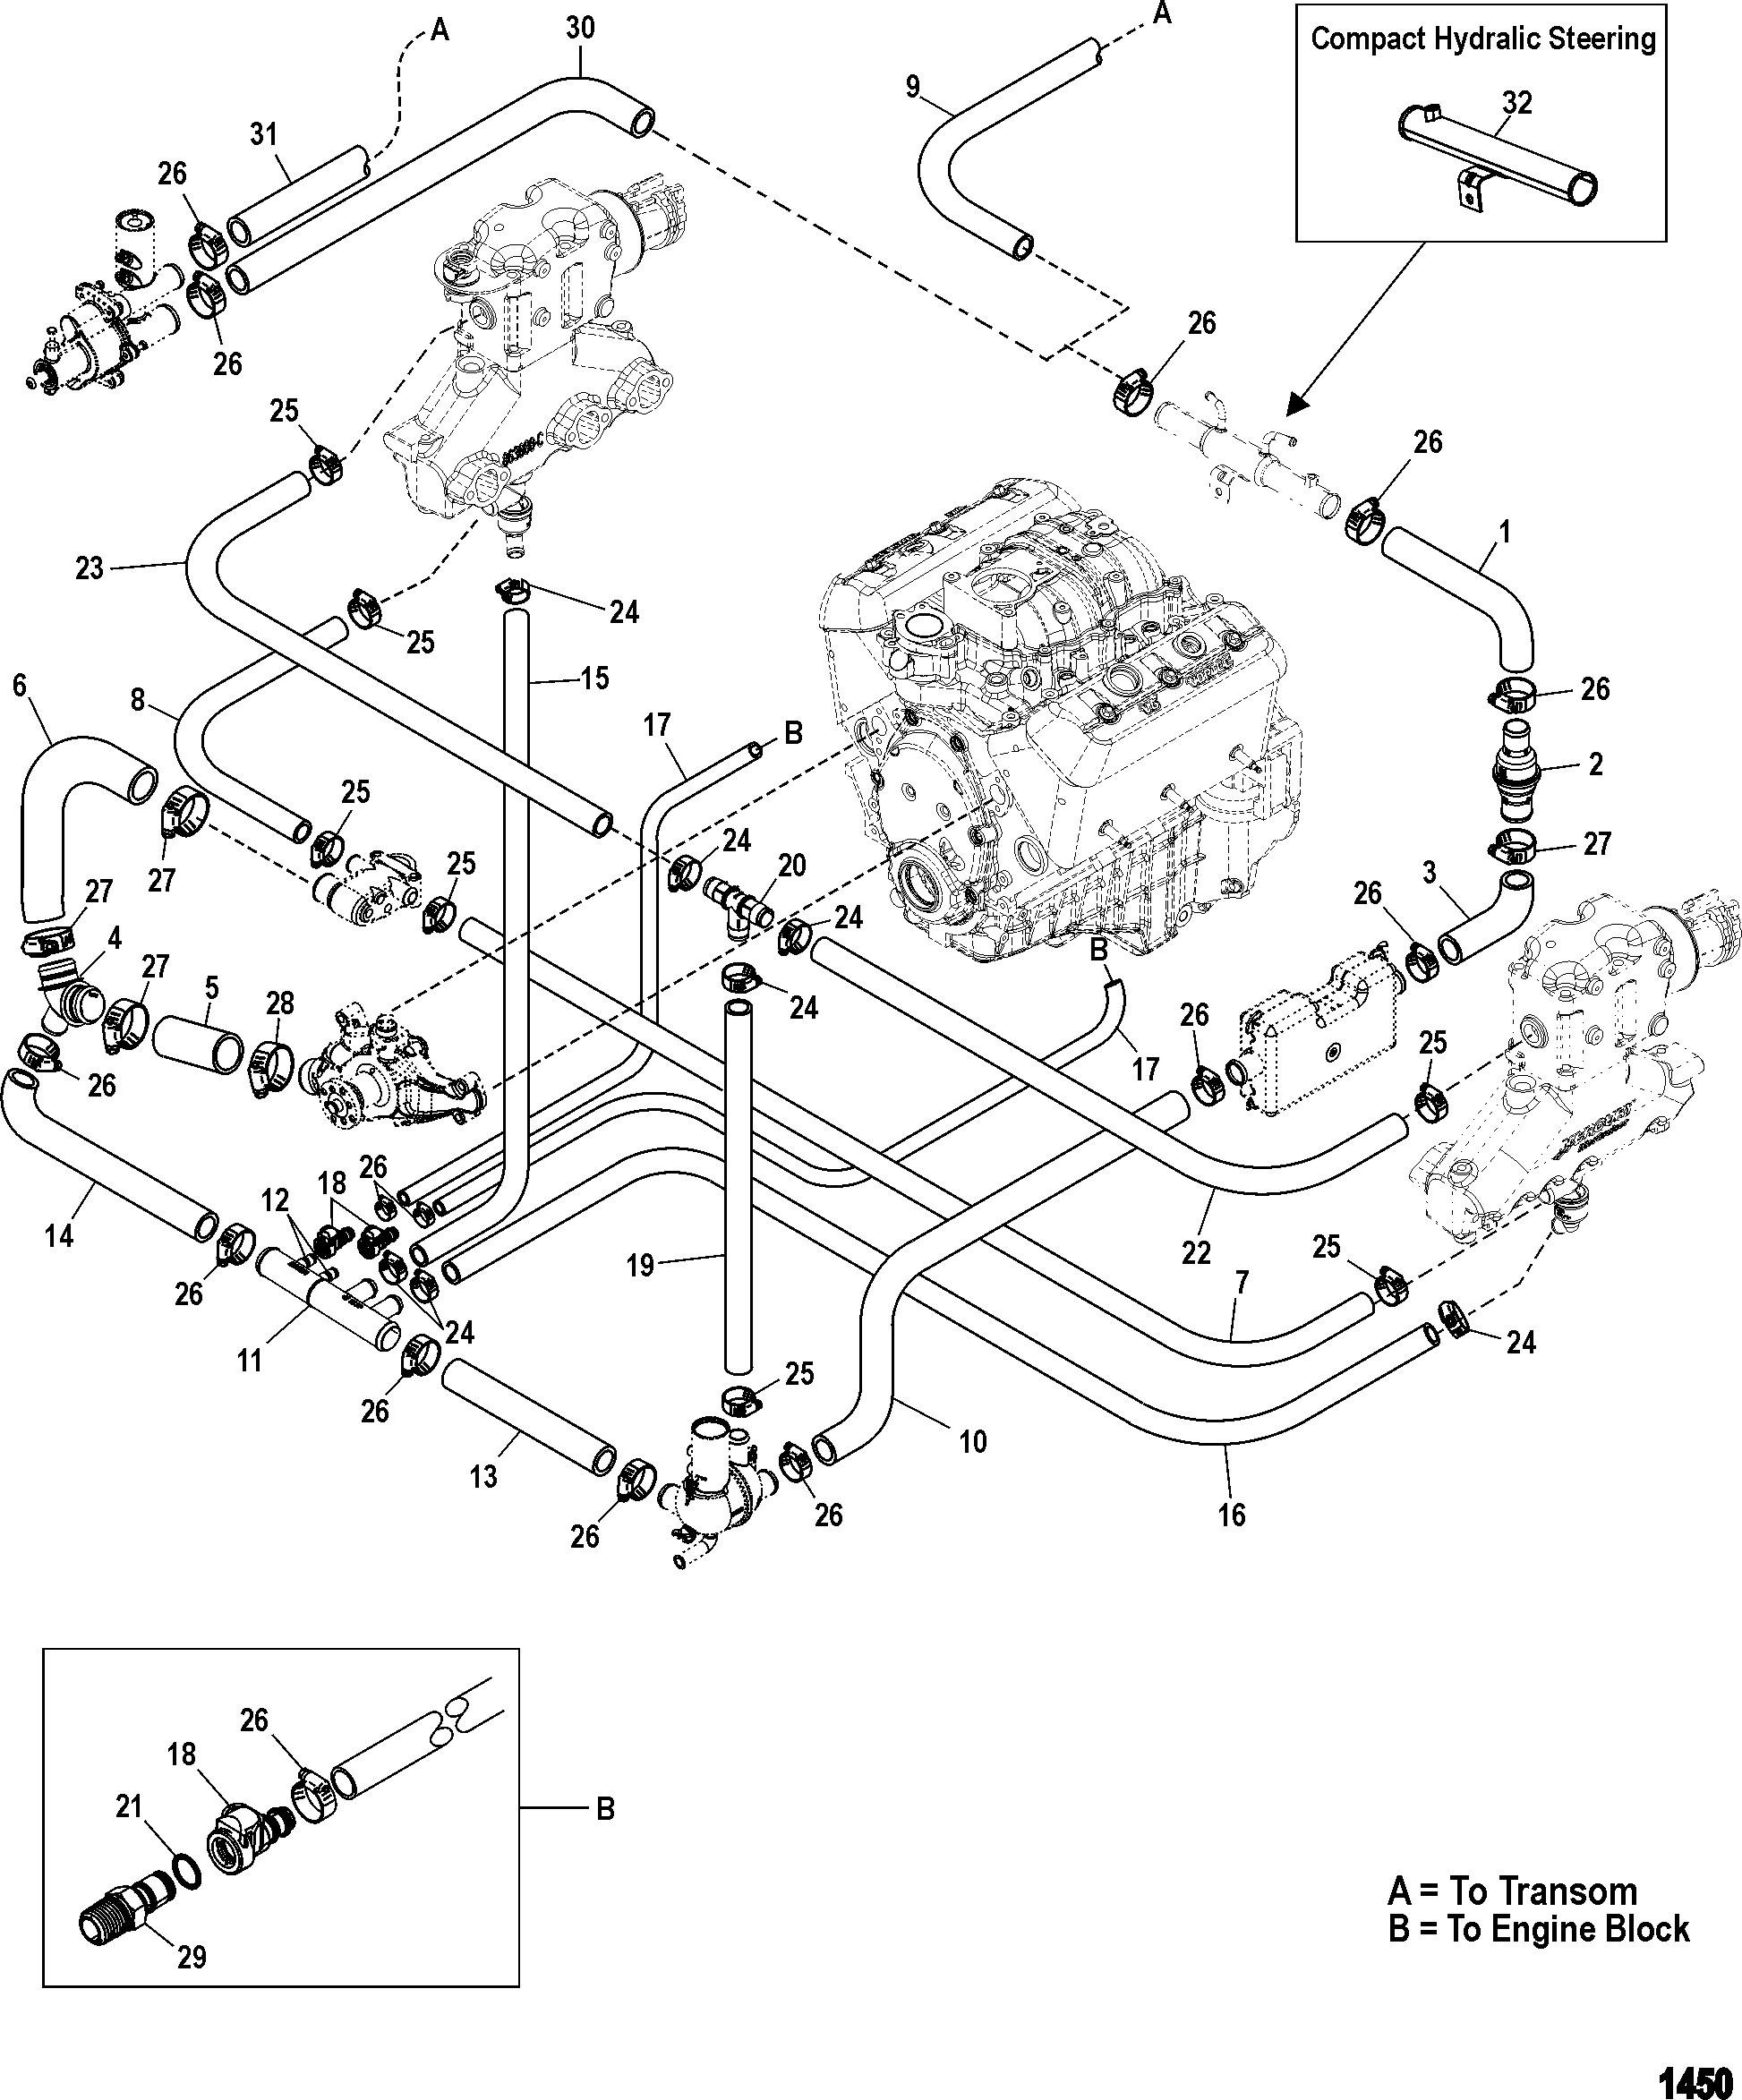 4 3 Vortec Spark Plug Wiring Diagram | Wiring Library - Spark Plug Wiring Diagram Chevy 4.3 V6